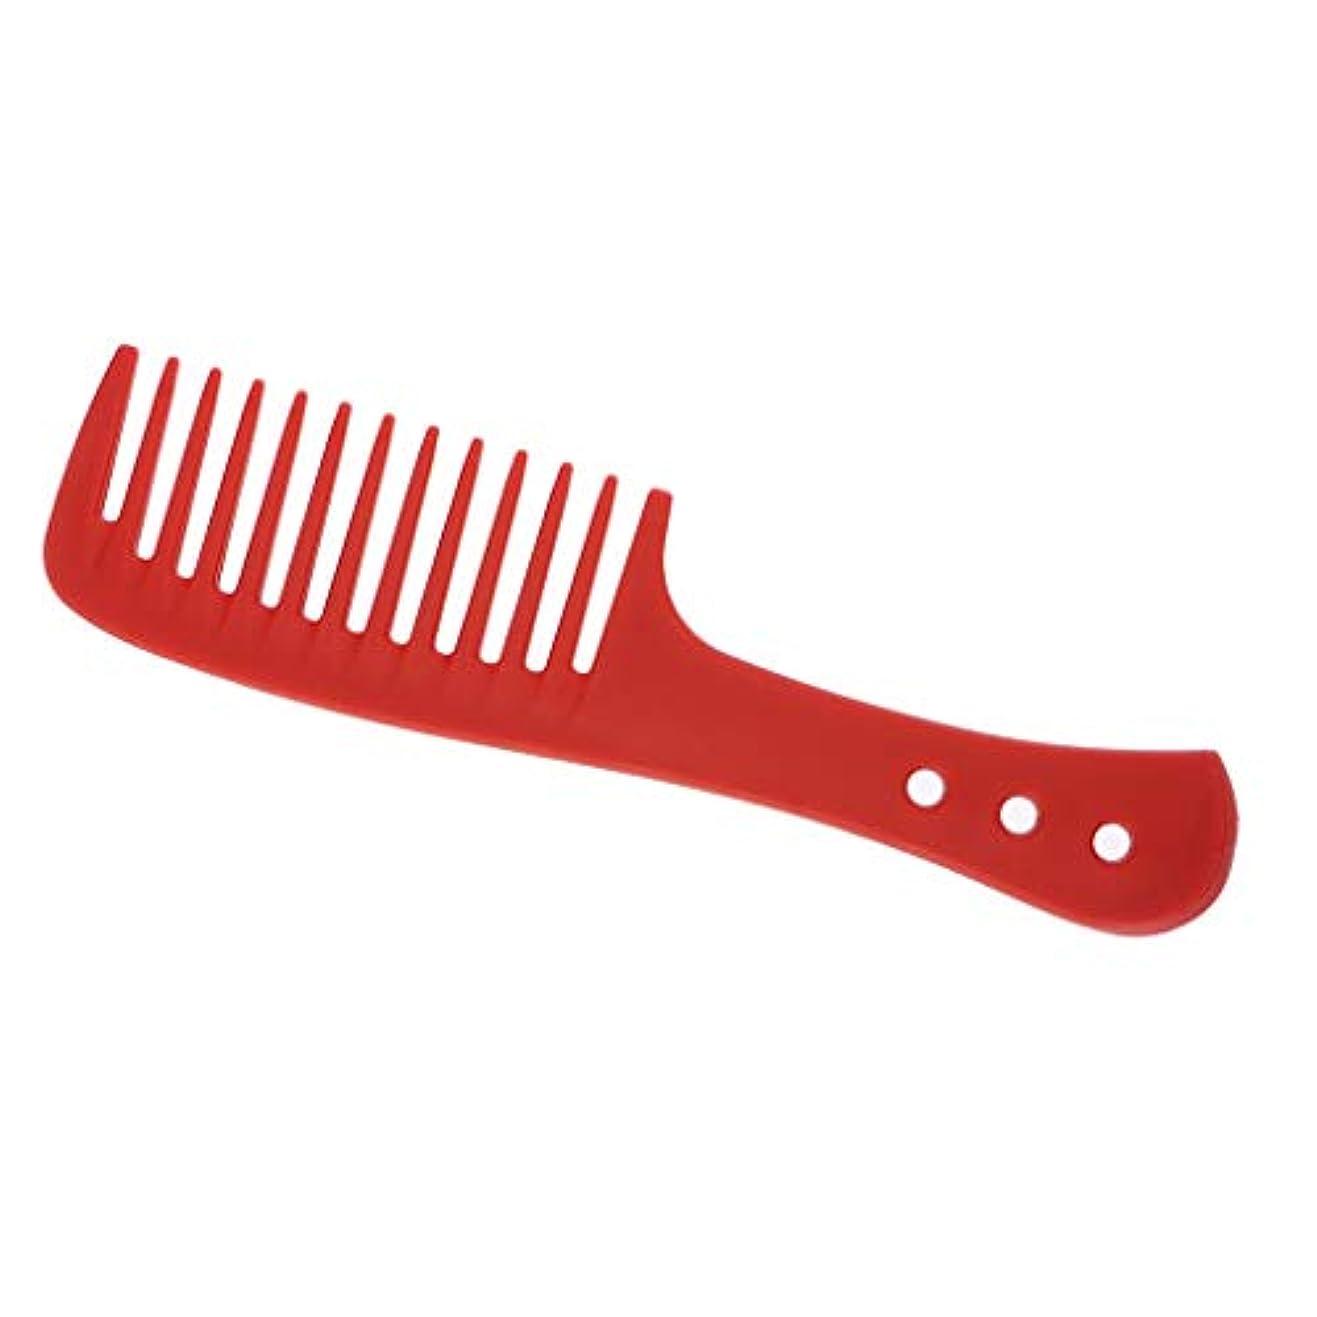 緯度メルボルントレーニングDYNWAVE ヘアケア ヘアスタイリング ヘアコーム 櫛 美髪 ヘアブラシ 全4色 - 赤